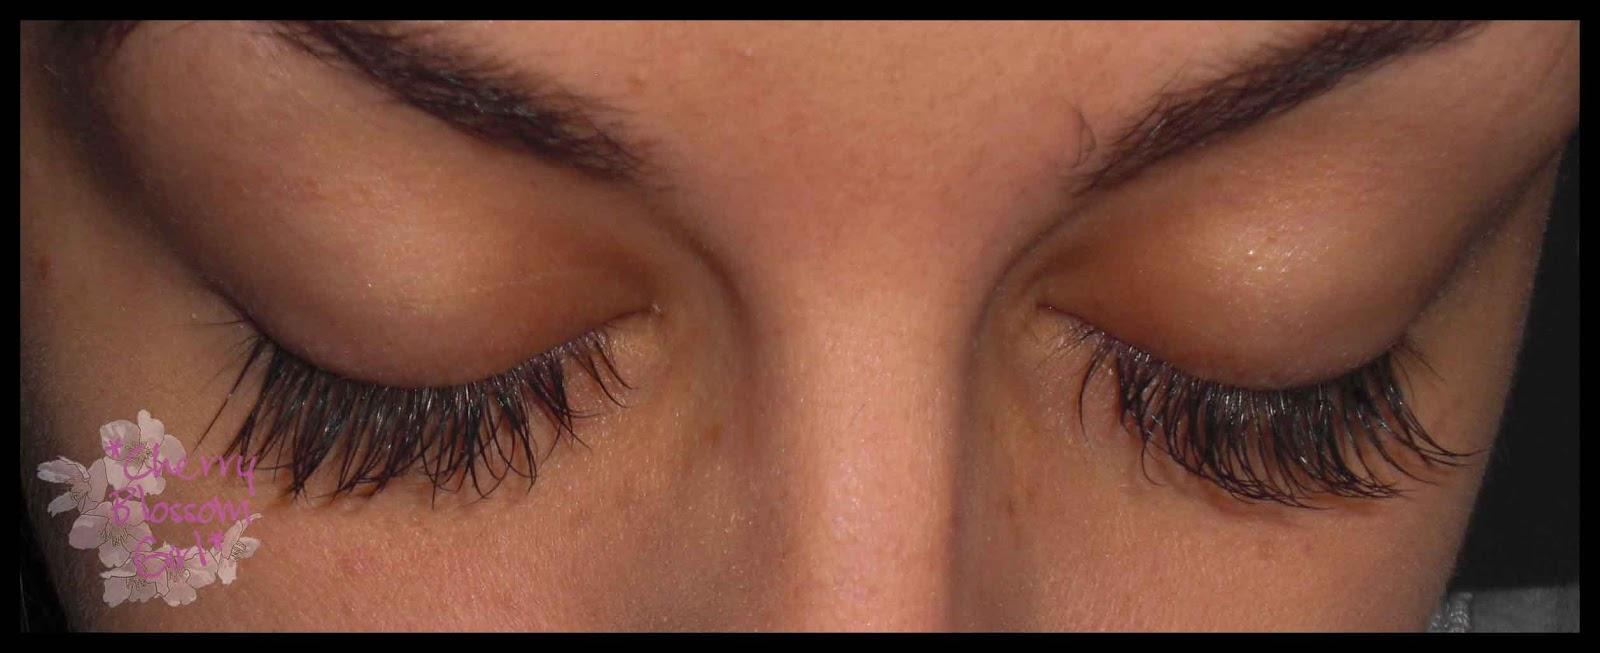 e77f7099715 Der Wimpernkranz ist voll und die Wimpern sind toll geschwungen. Auch der  Blick